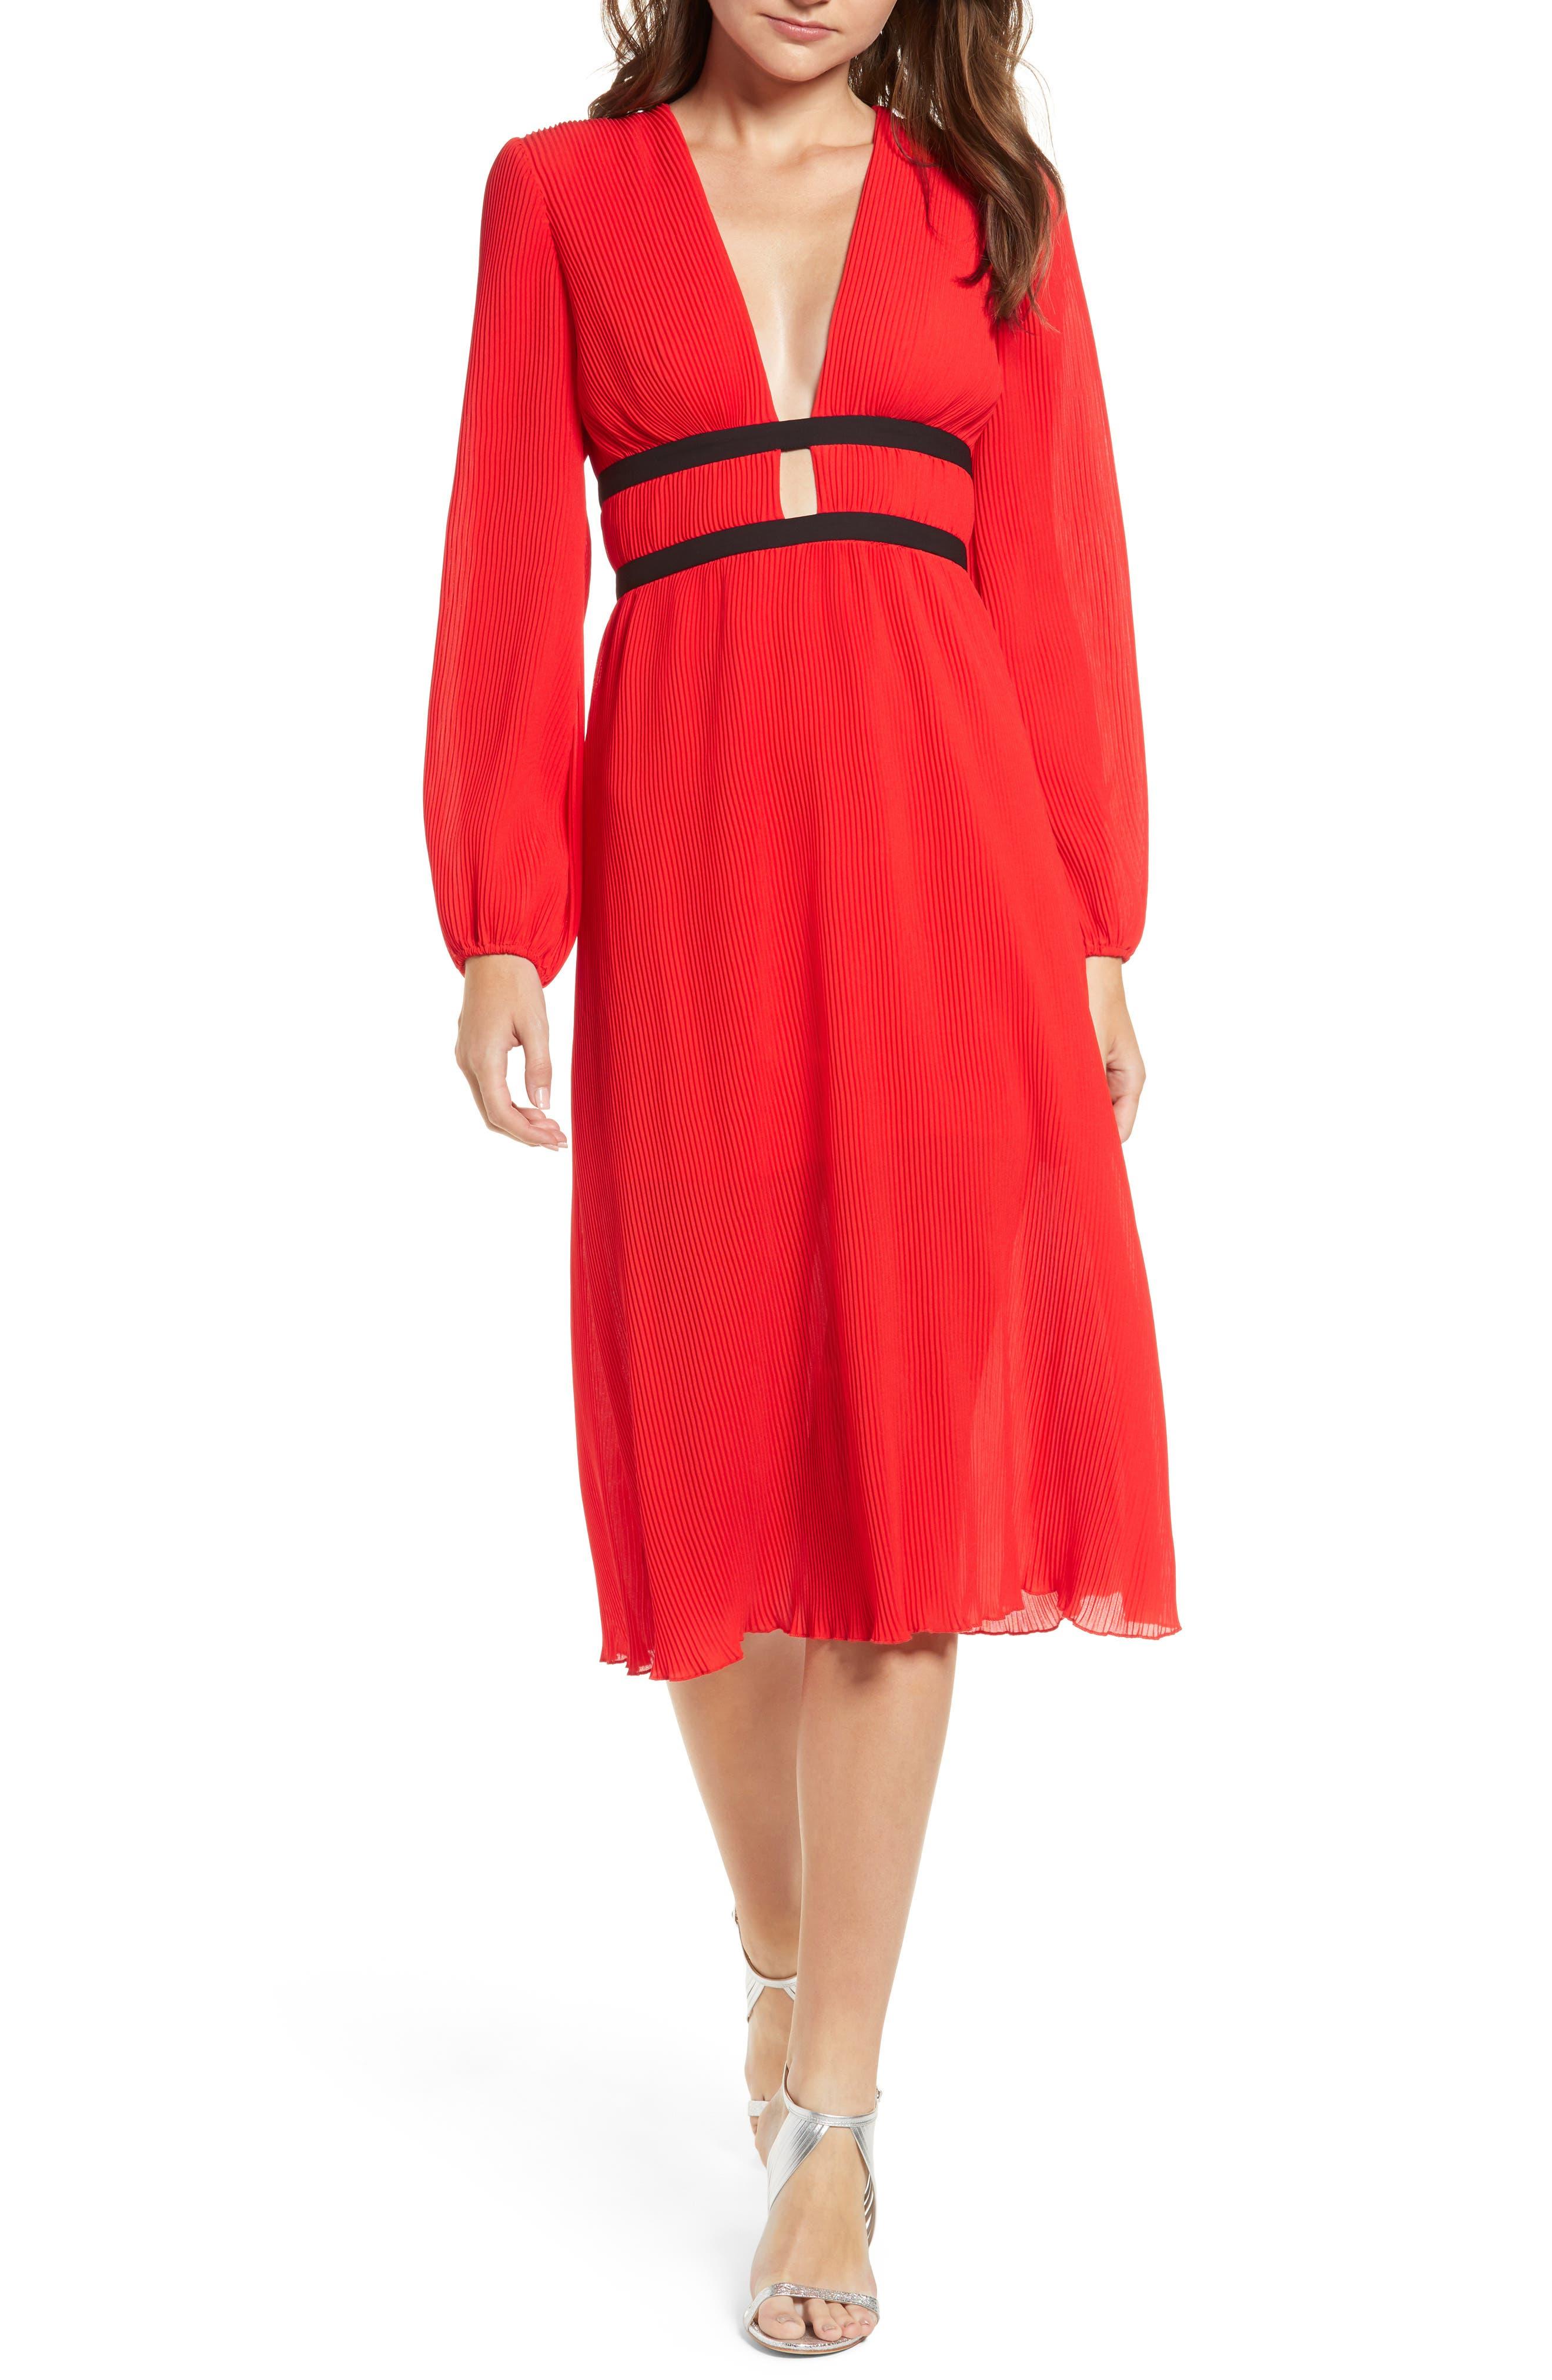 WAYF, Patton Plunge Plissé Dress, Main thumbnail 1, color, FIRE RED